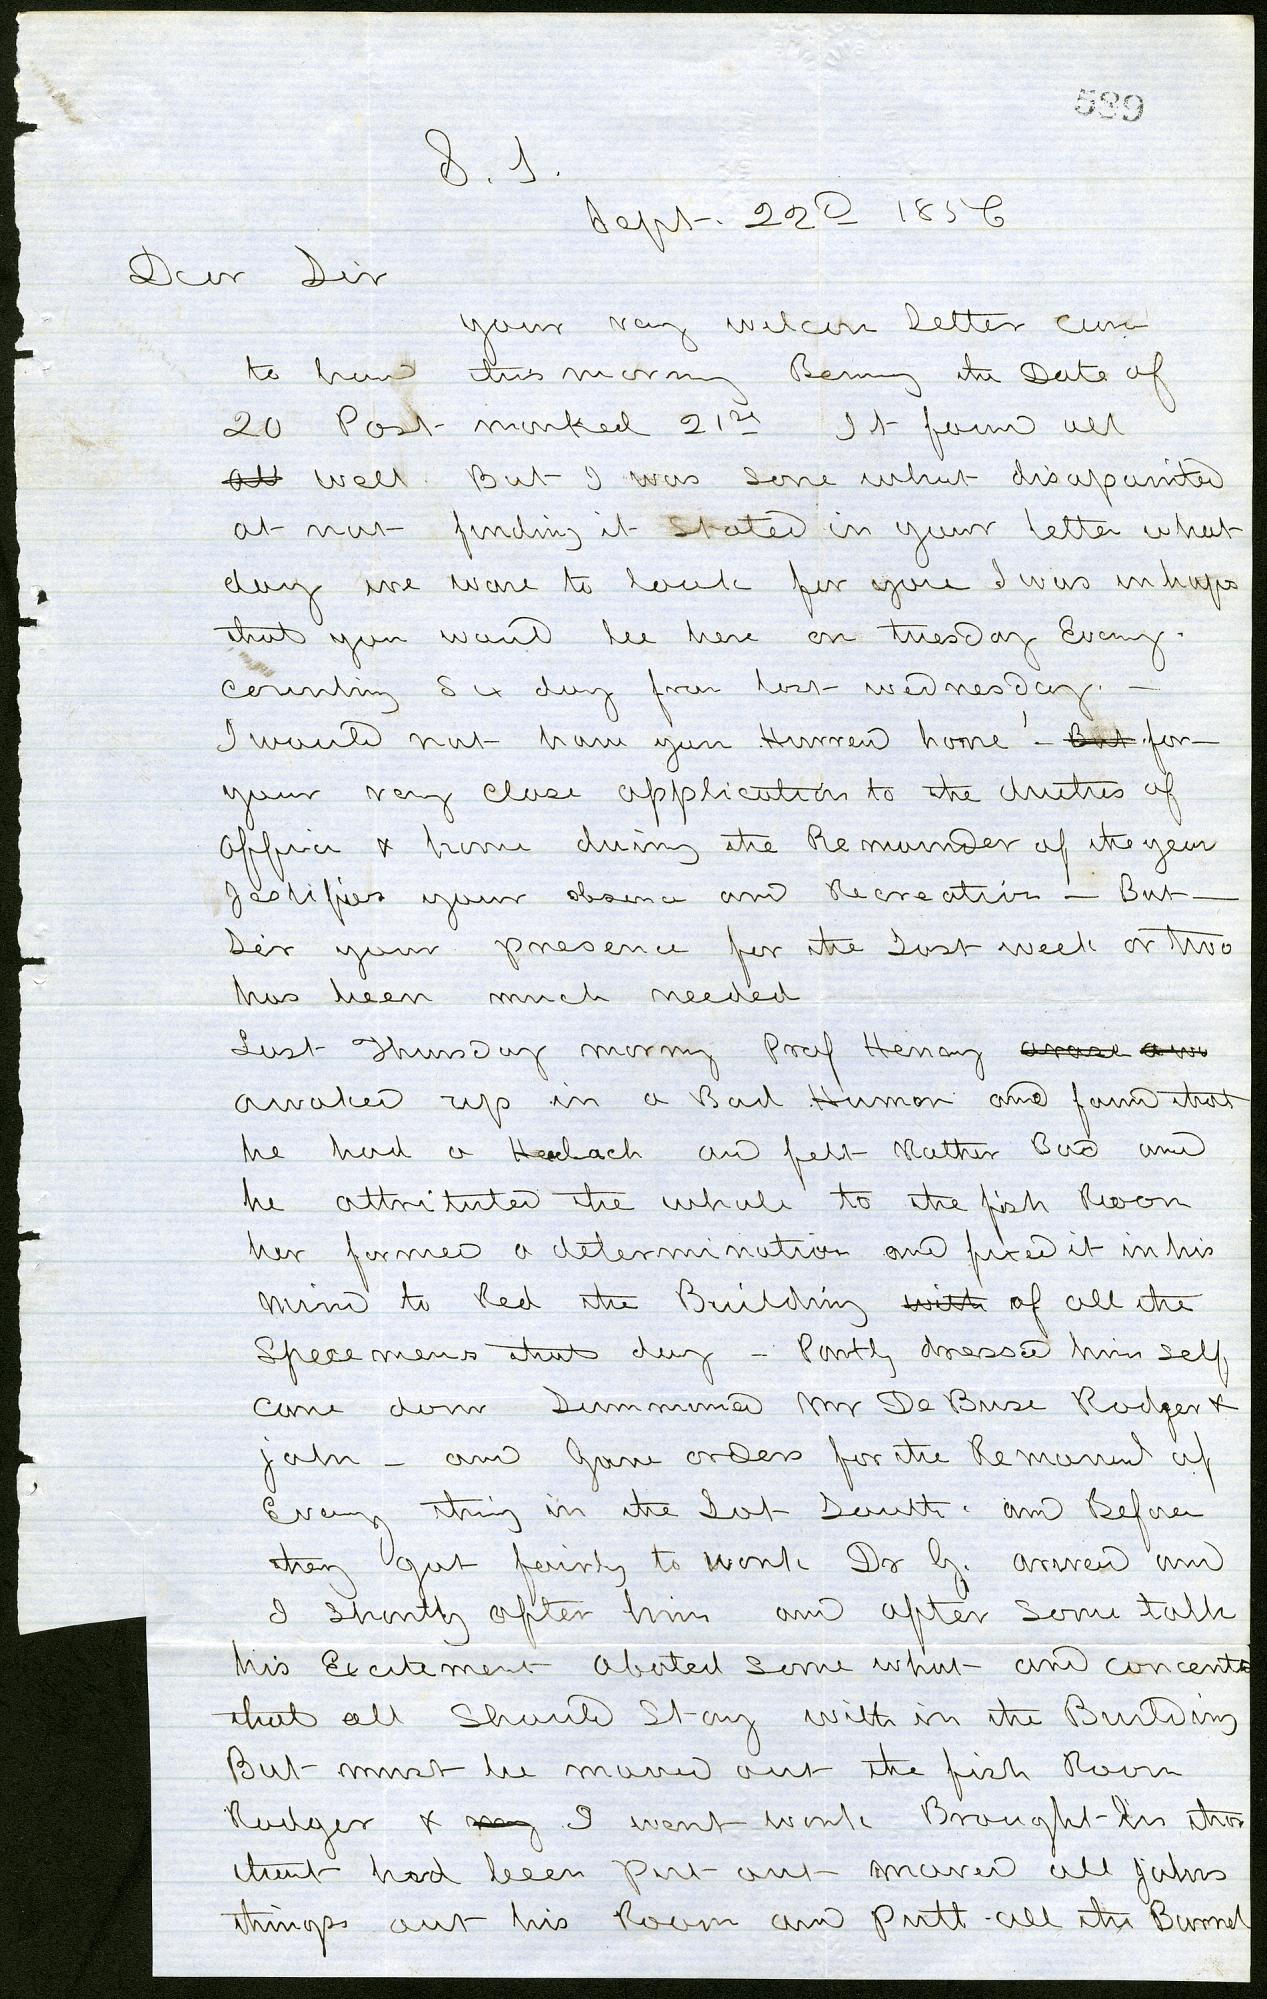 Letter from Solomon Brown to Spencer Baird, September 22, 1856.